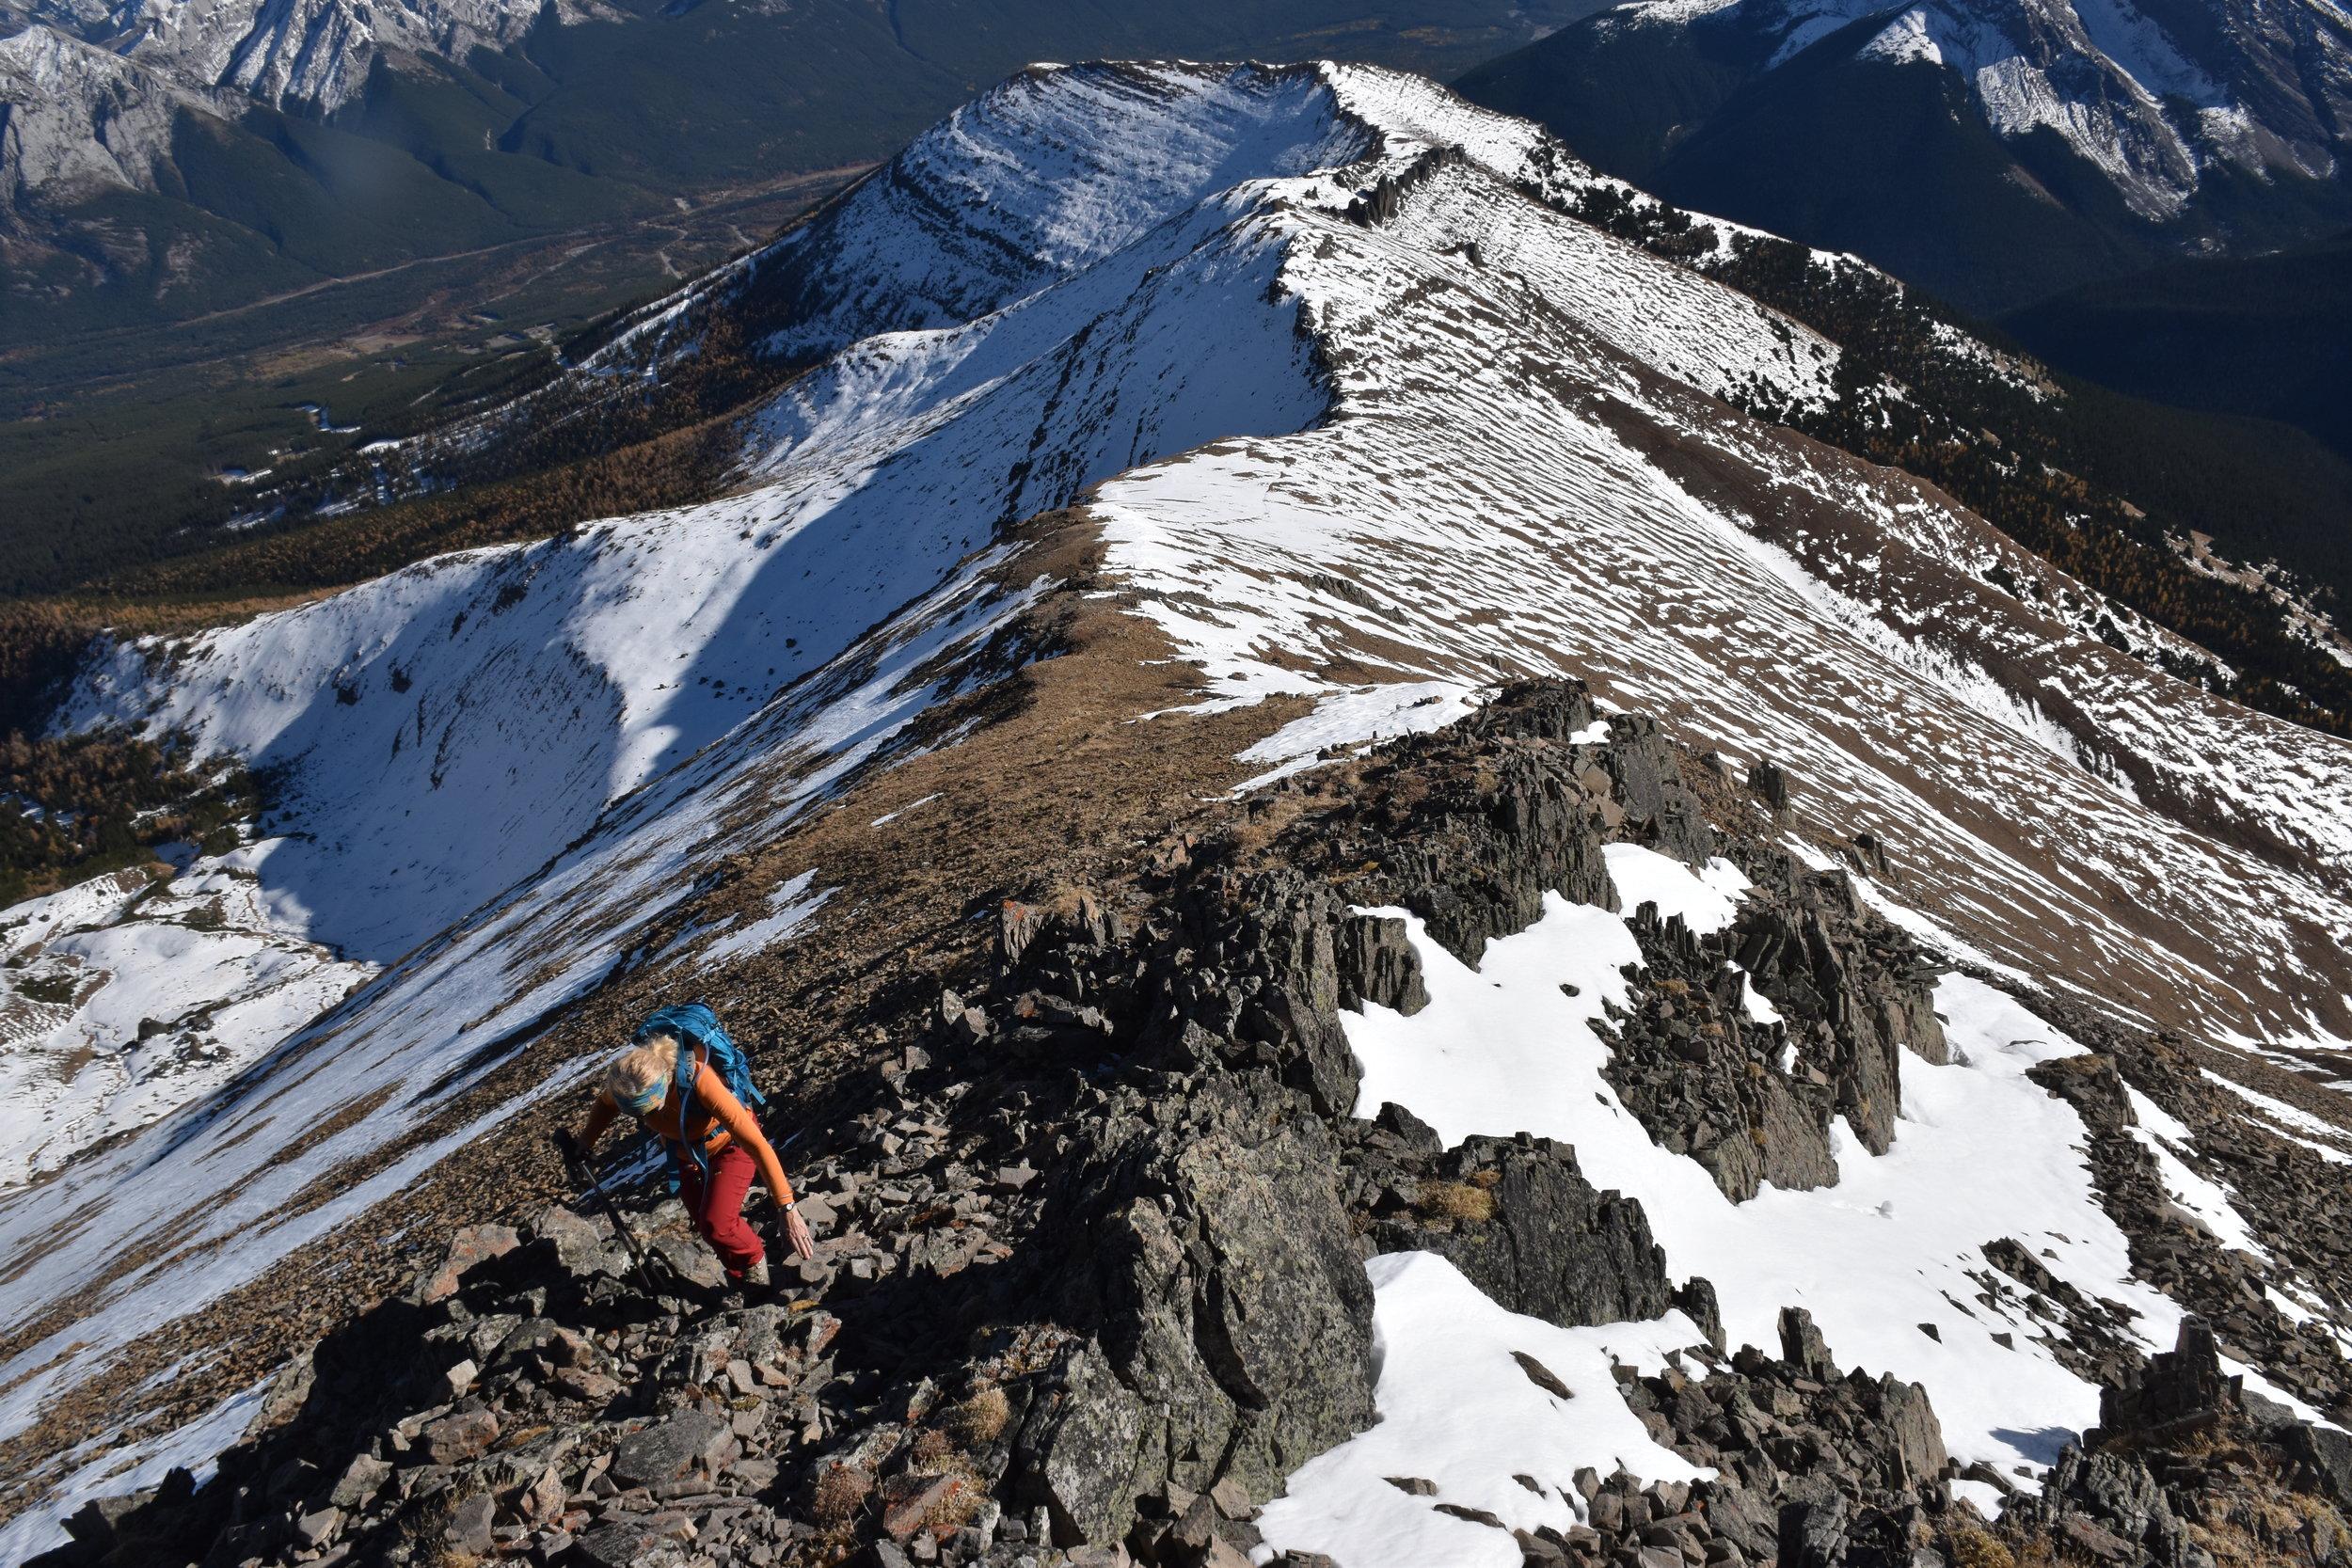 nearing the peak....